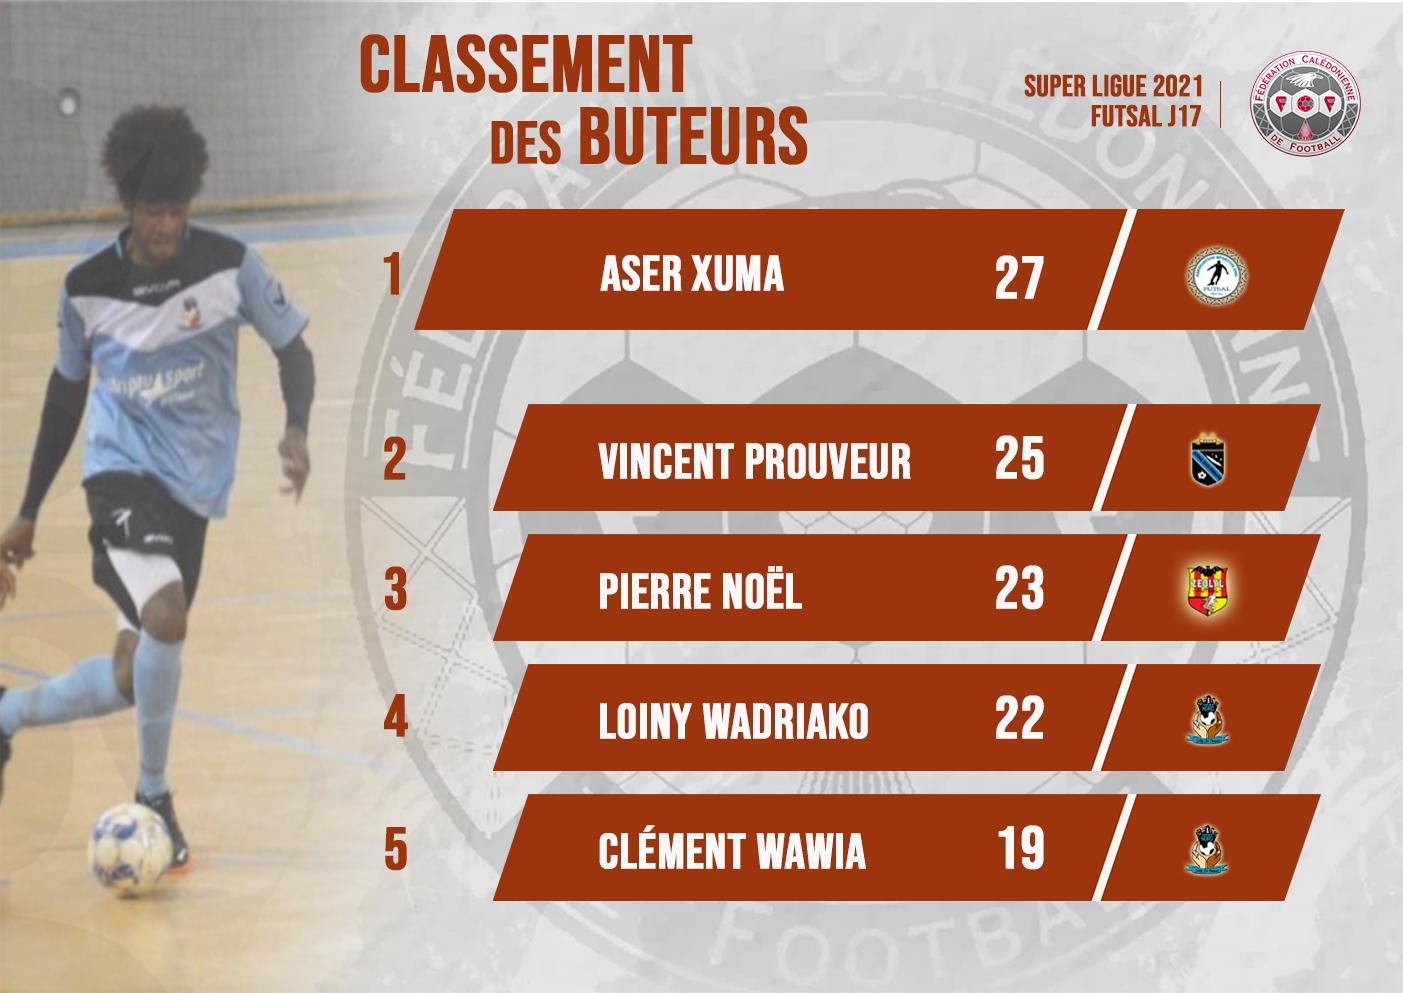 Photo match : crédit Foot NC = Loiny WADRIAKO est 4ème du classement des buteurs (Kartier Nord) / Montage : FCF